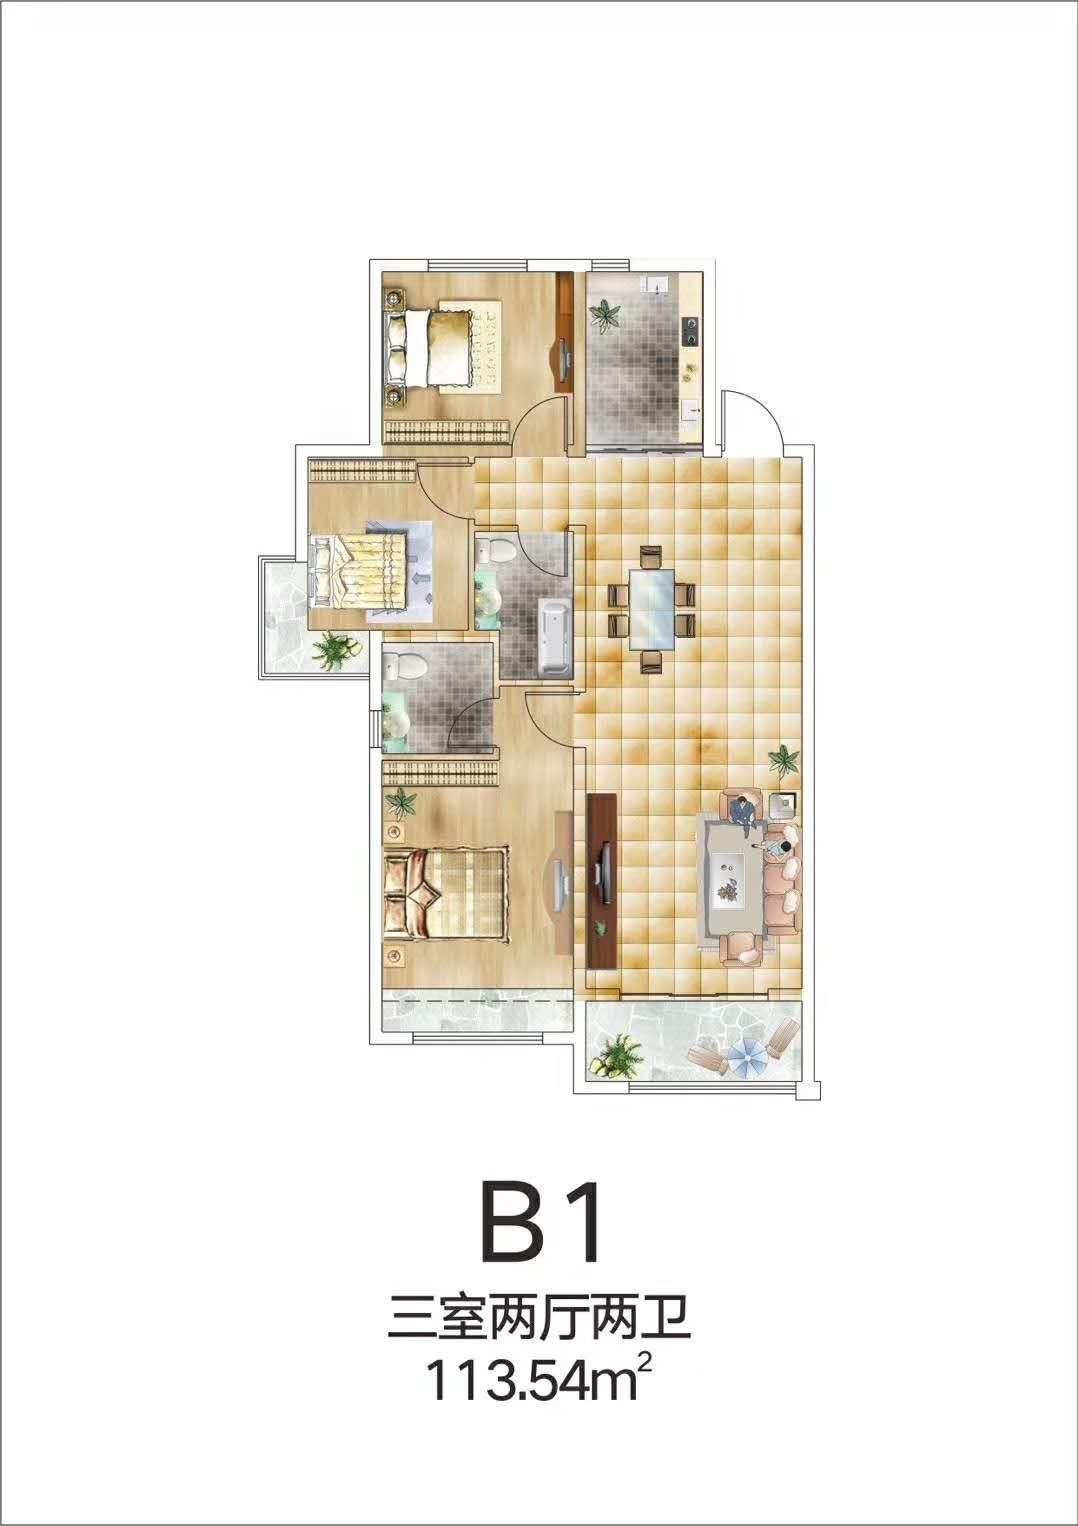 B1【蓝湾印象三】B1